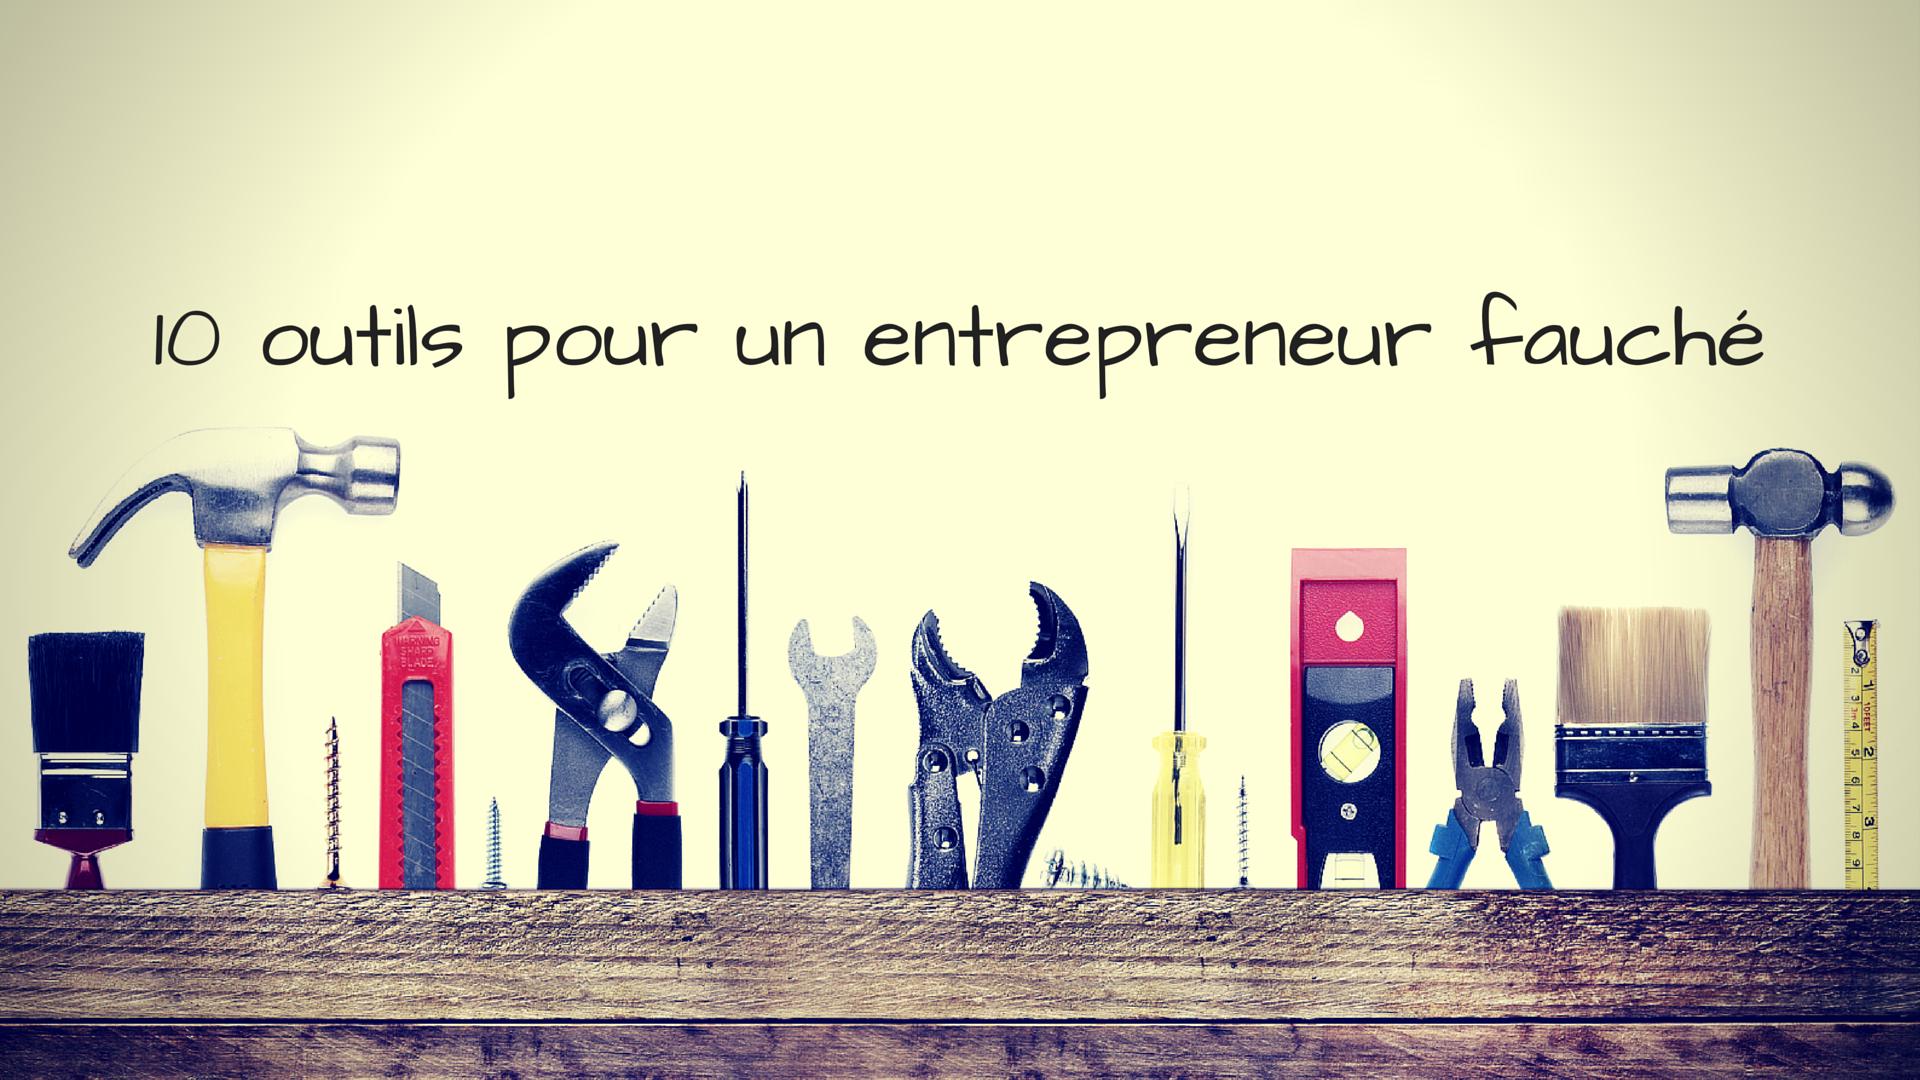 10-outils-pour-entrepreneur-fauché-1